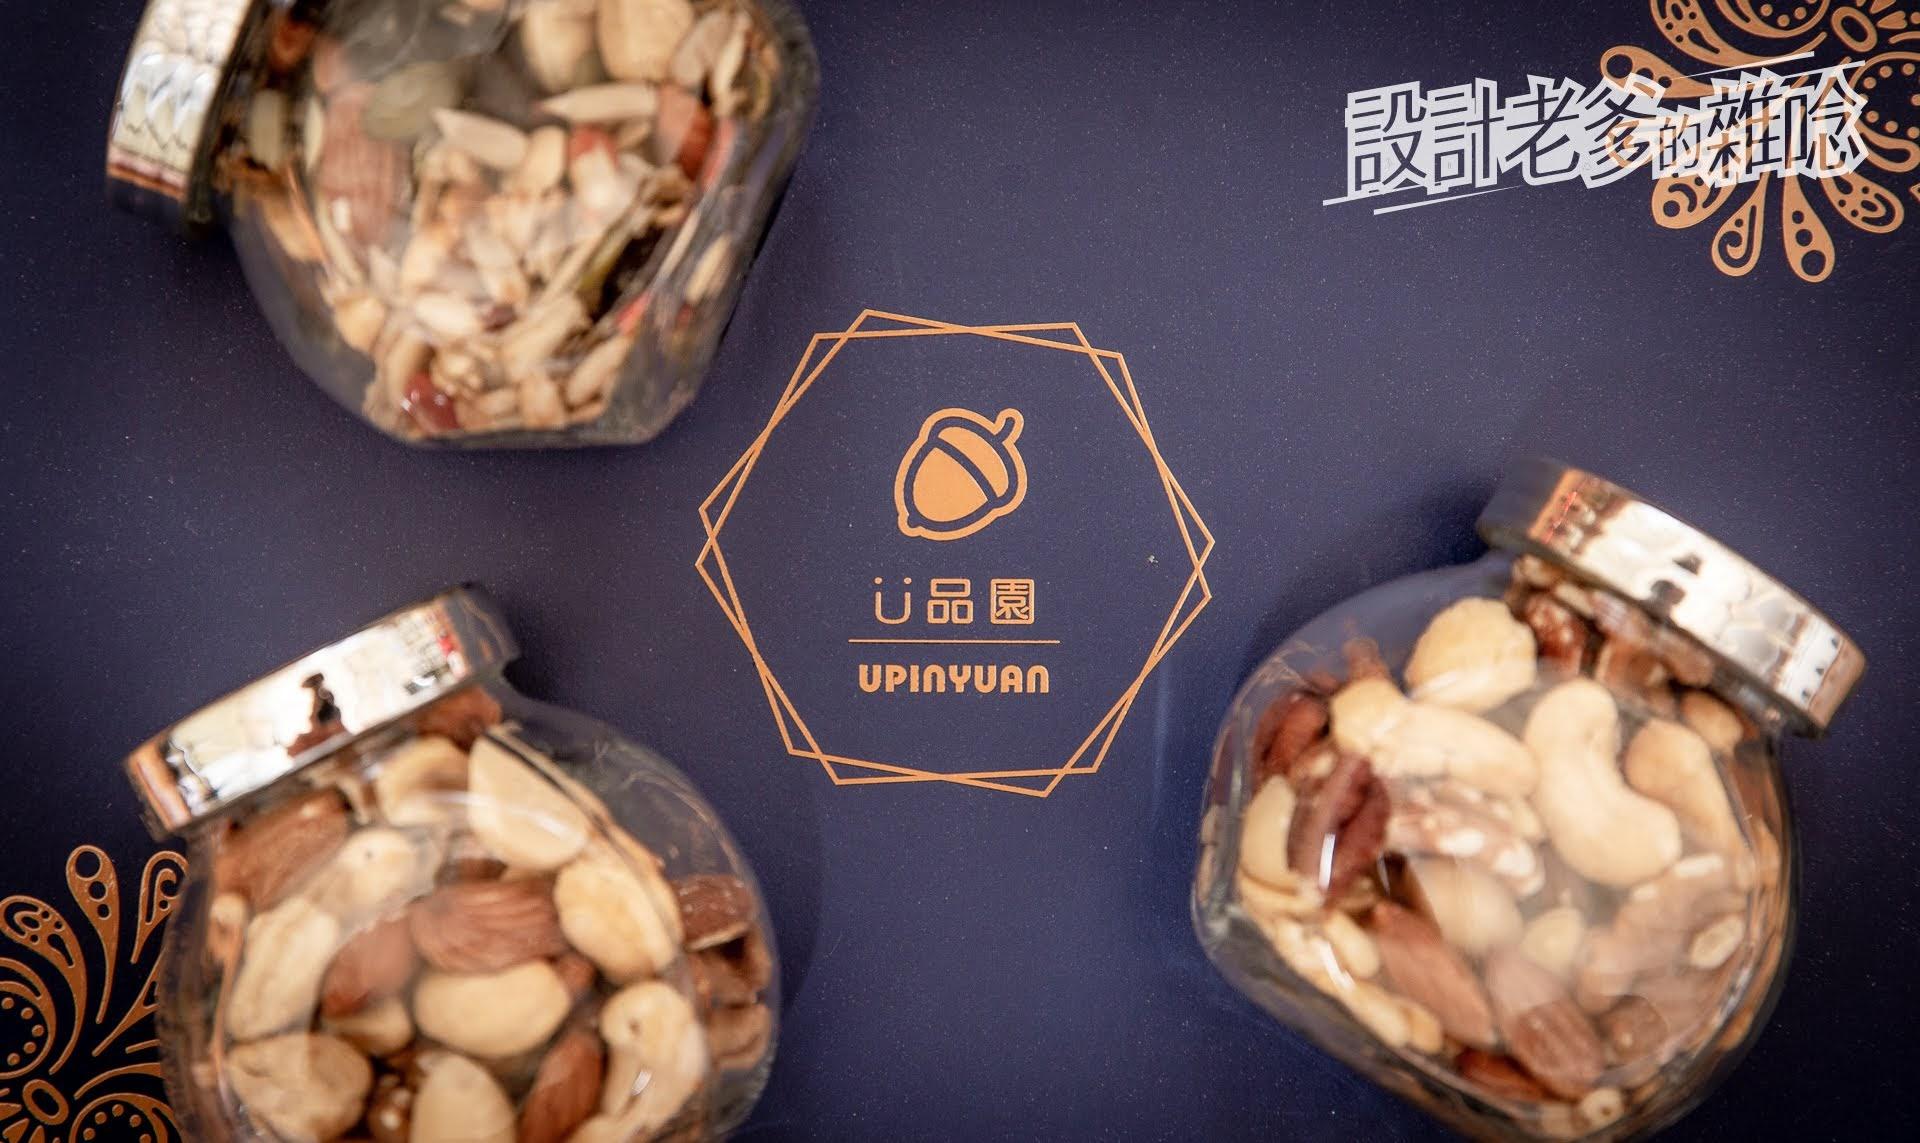 檳皇商行 堅果禮盒組...在我家秒殺的低溫原味烘焙健康小零食